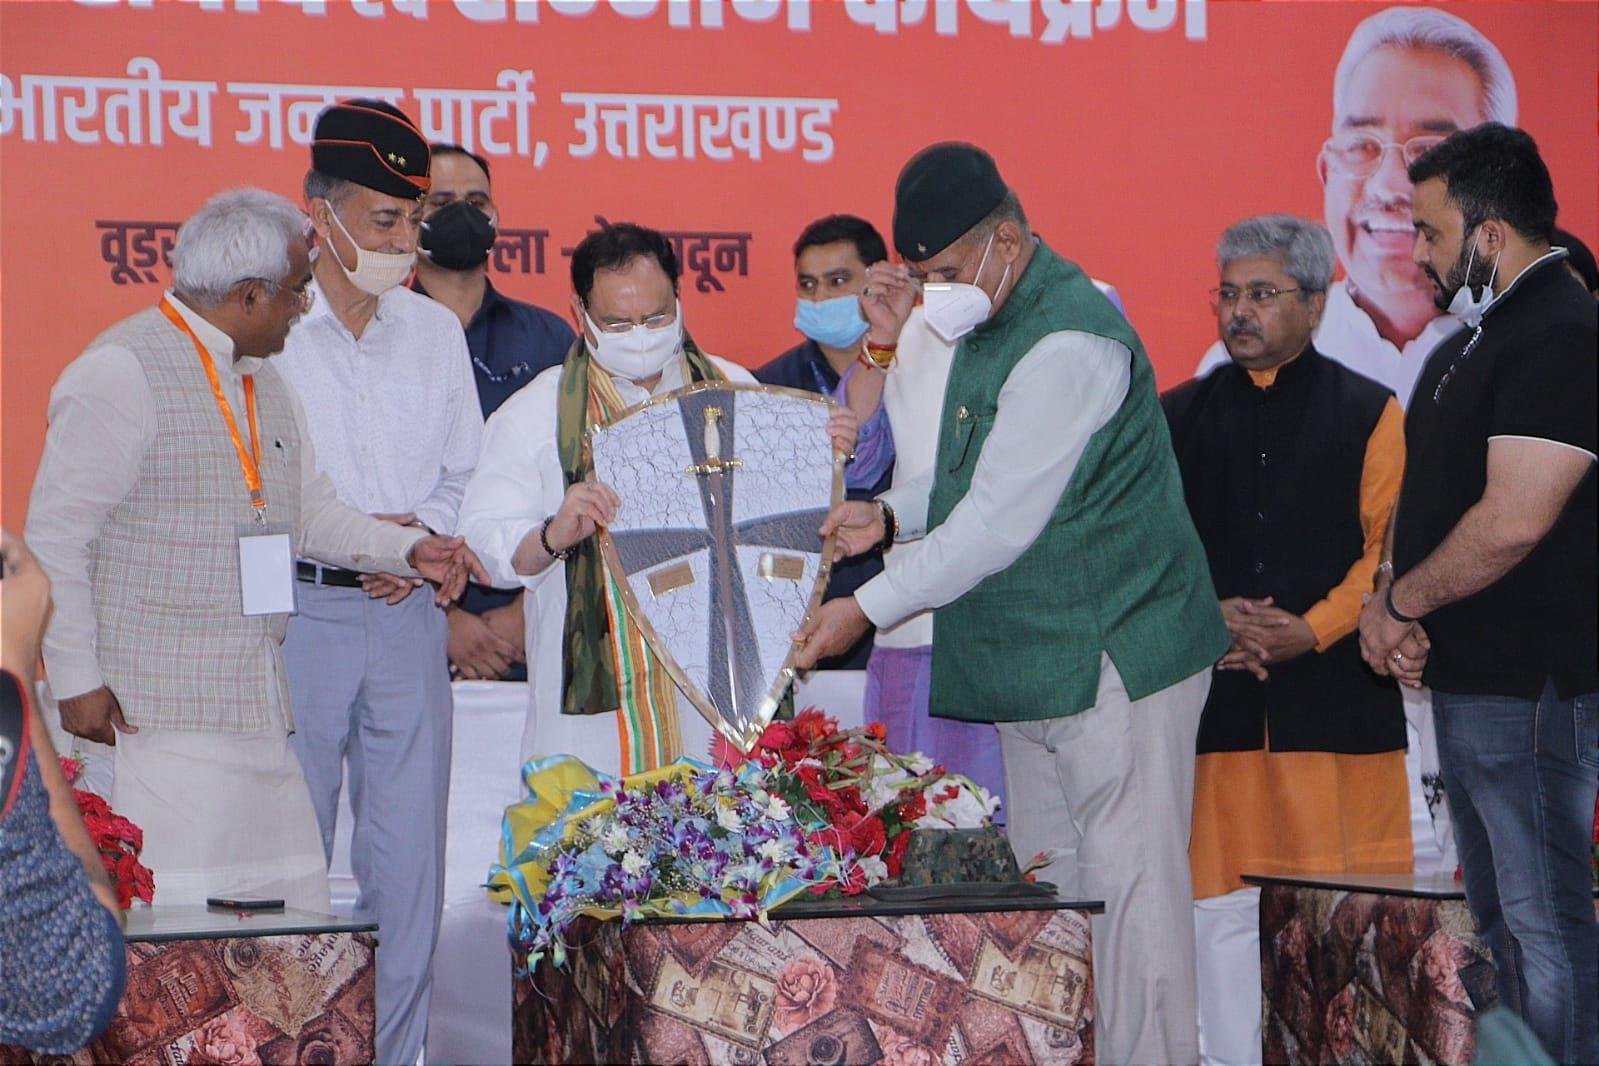 उत्तराखंड : भाजपा राष्ट्रीय अध्यक्ष जे.पी नड्डा को सम्मानित करते सैनिक कल्याण मंत्री गणेश जोशी